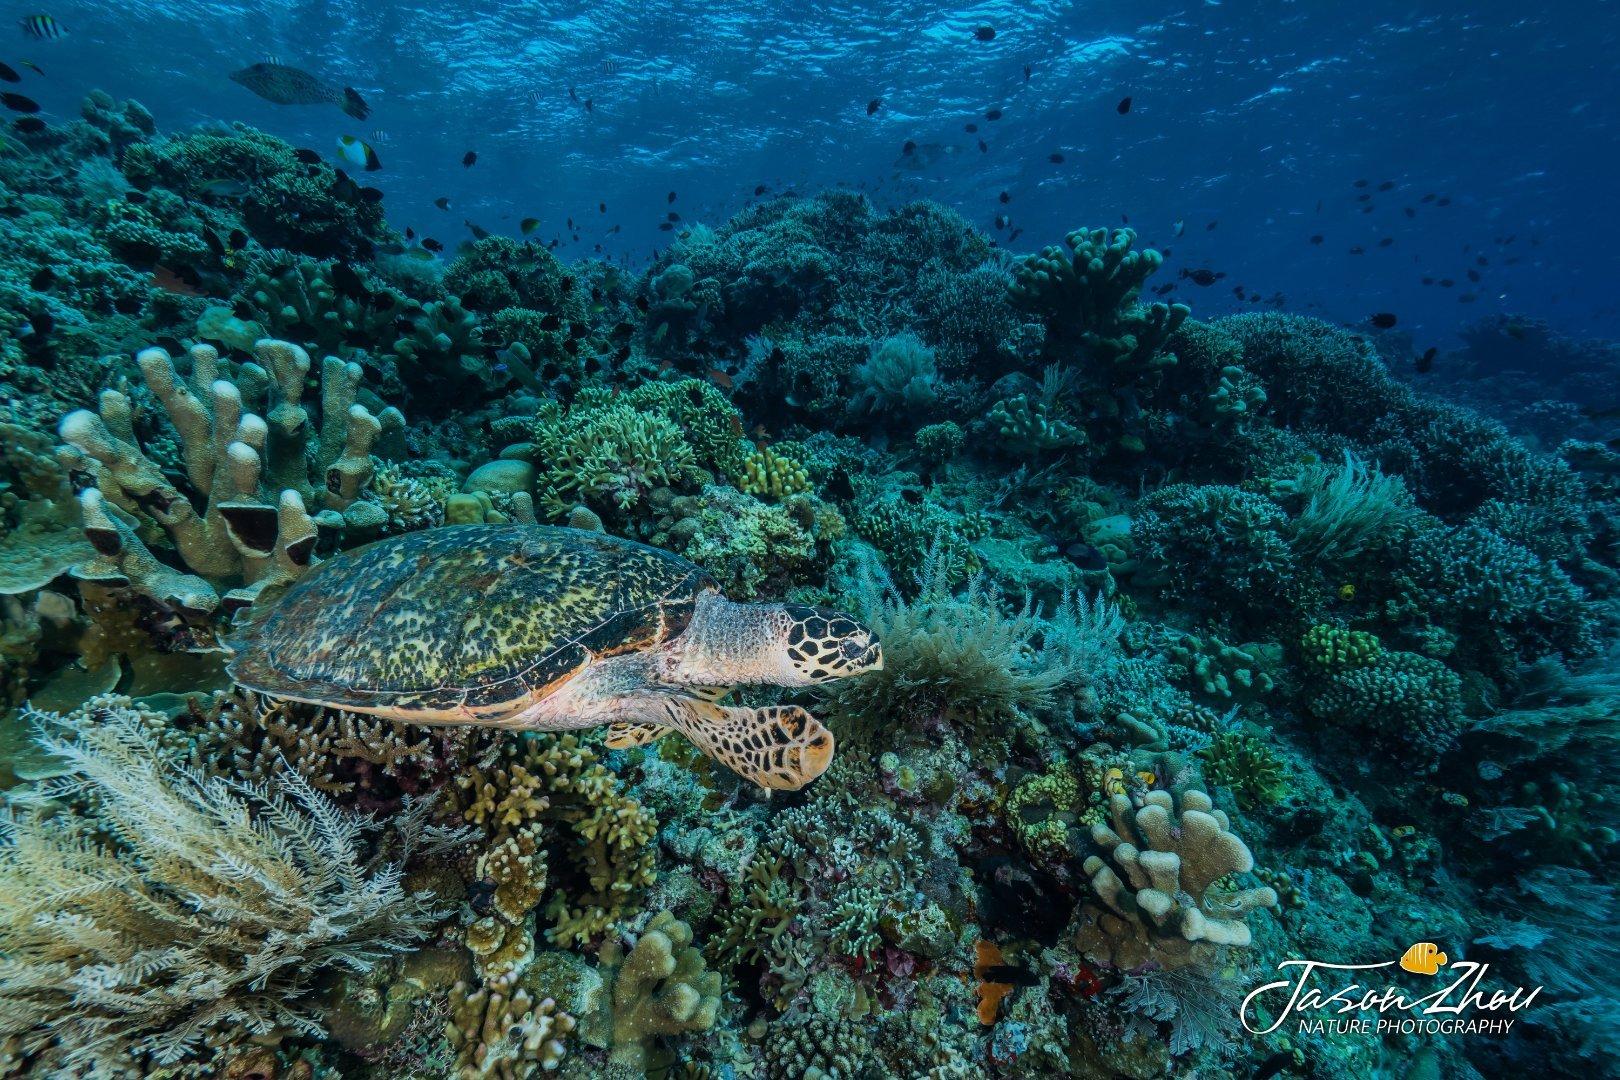 印尼美娜多布纳肯国家海洋公园的峭壁上住满了大大小小的海龟